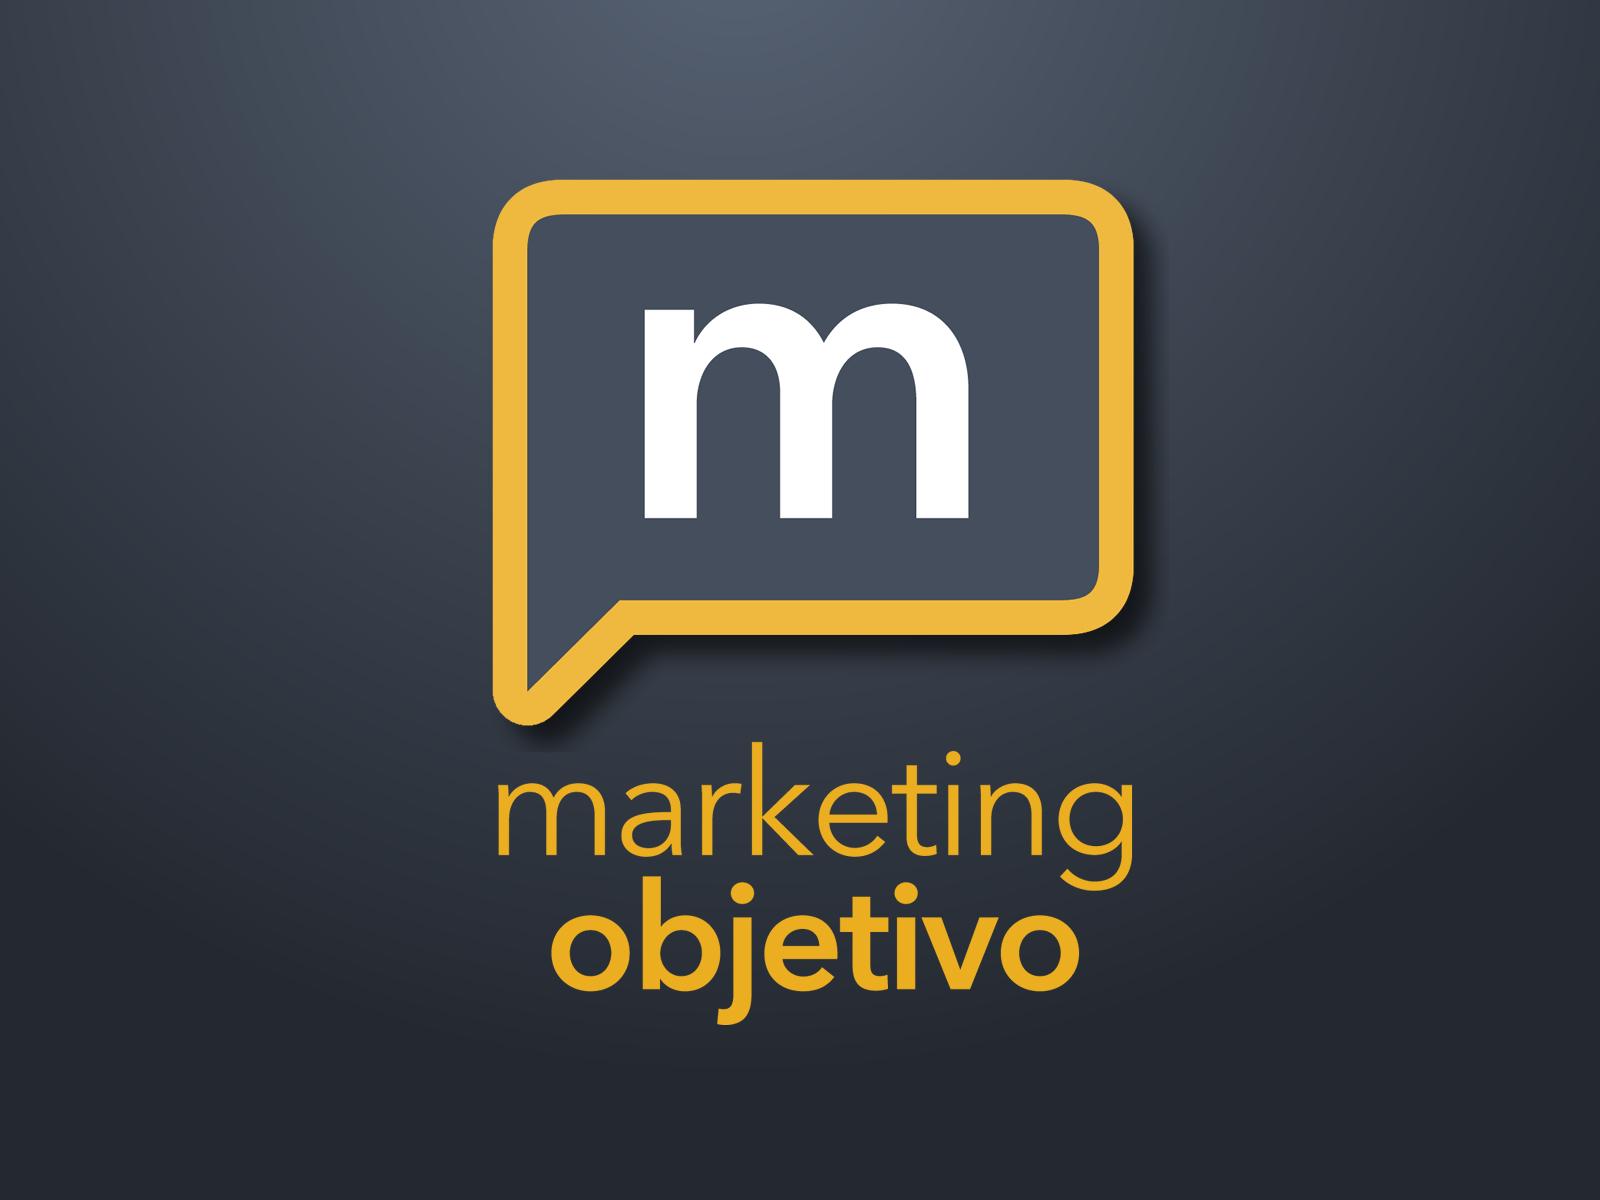 (c) Marketingobjetivo.com.br